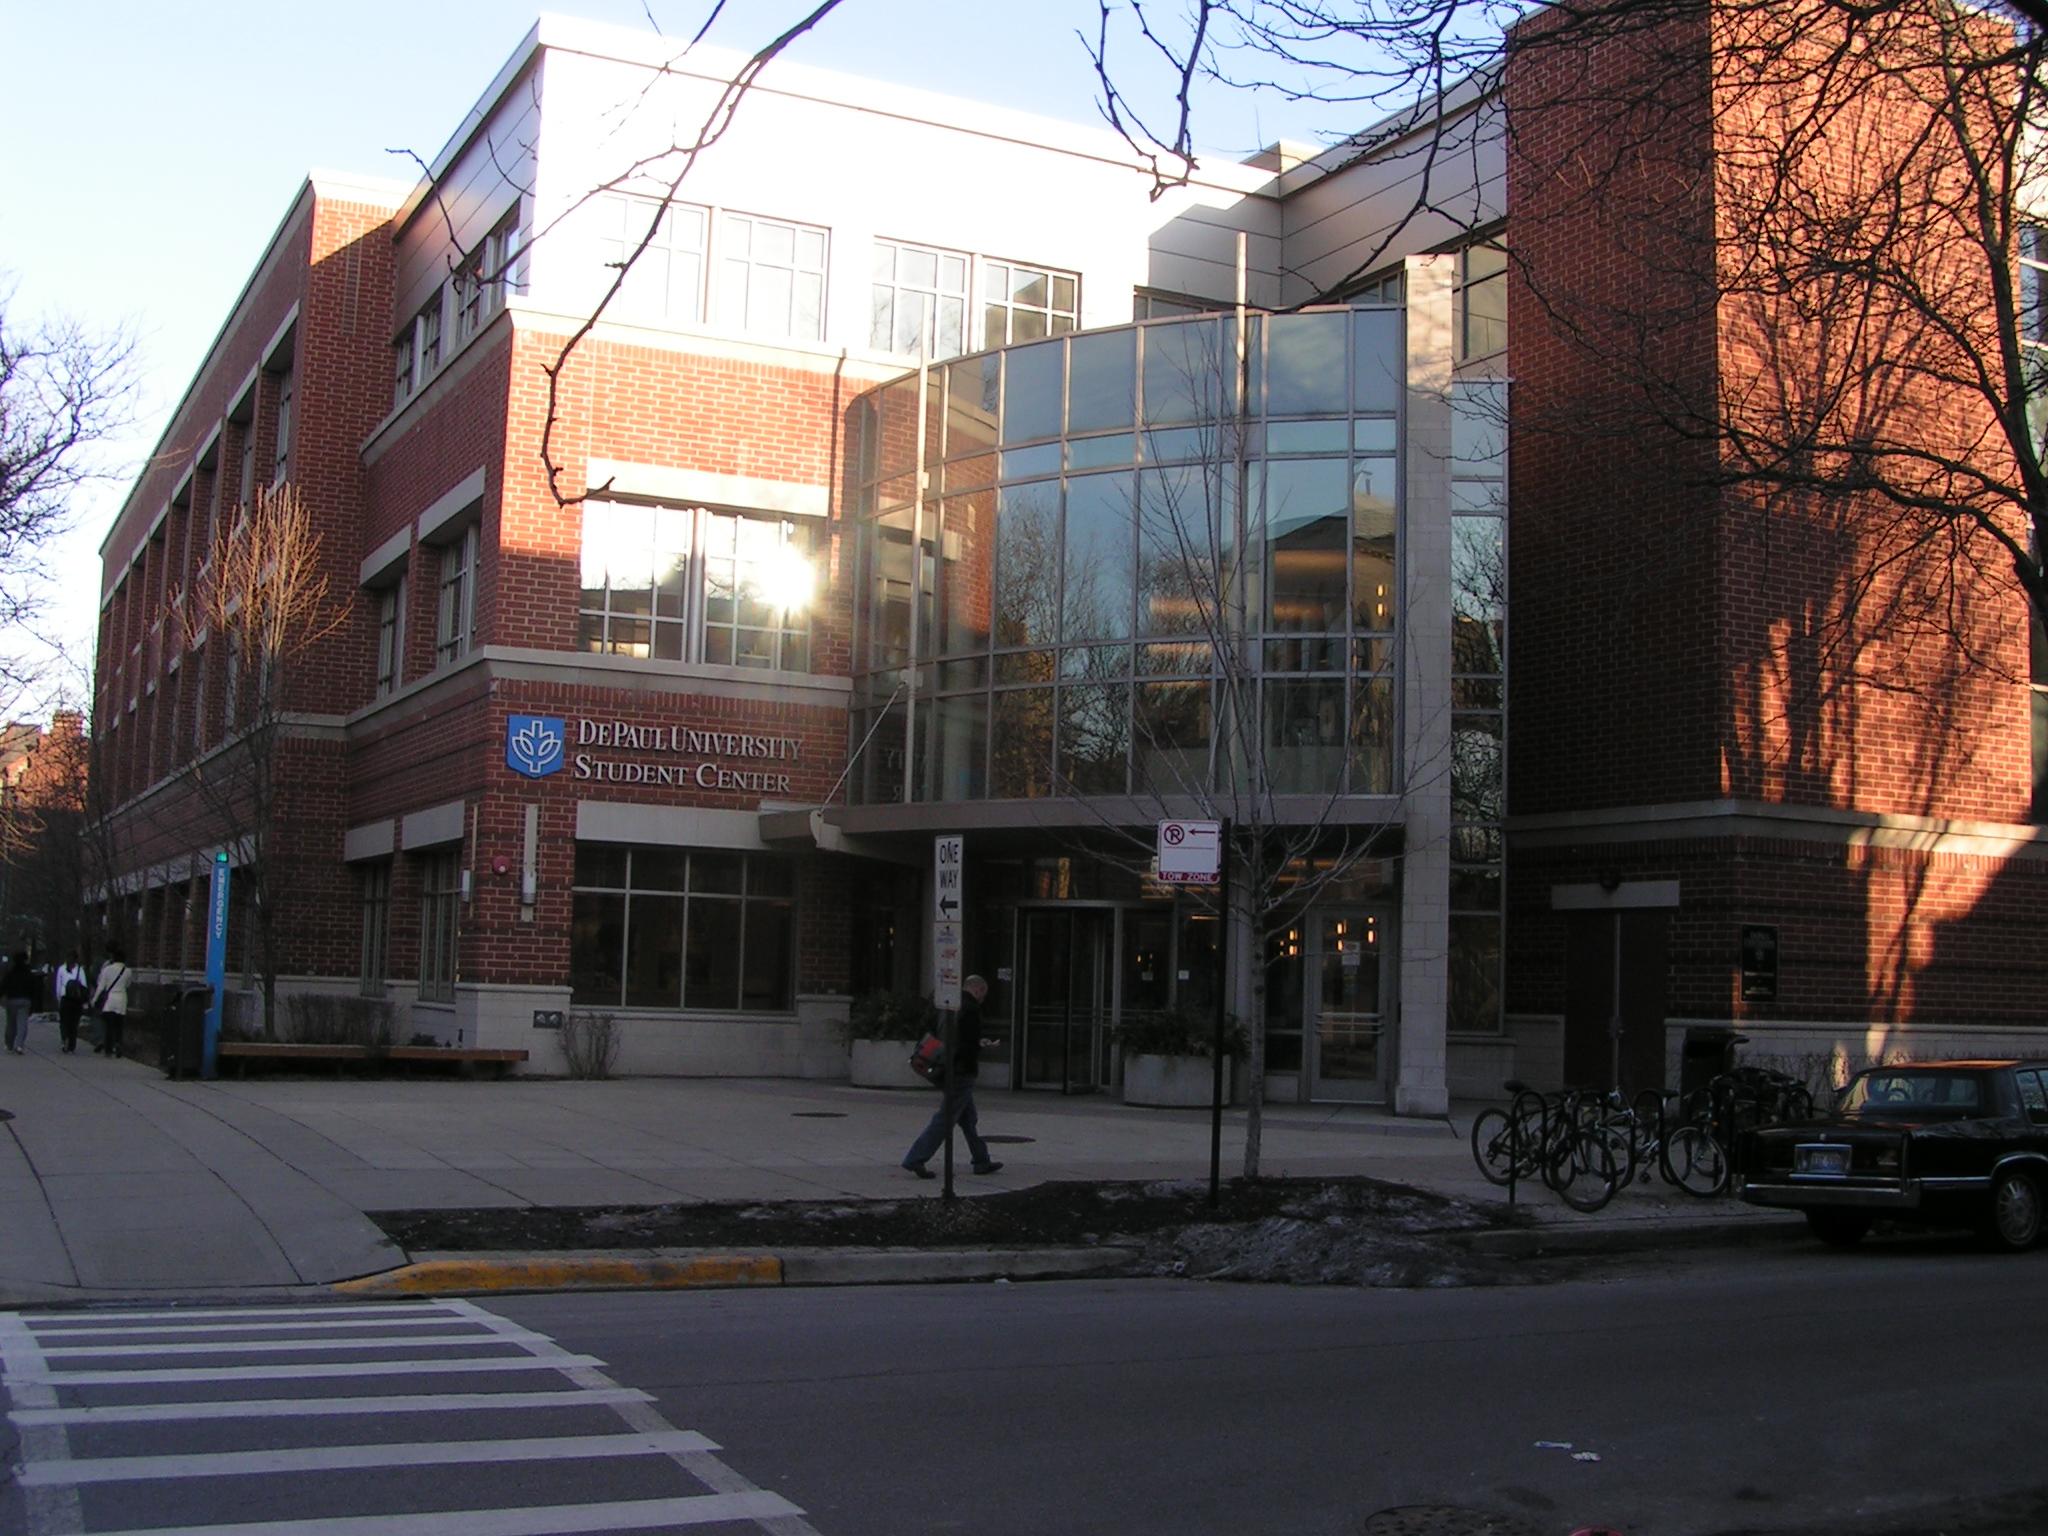 Moving Center >> File:Depaul University Student Center.jpg - Wikipedia